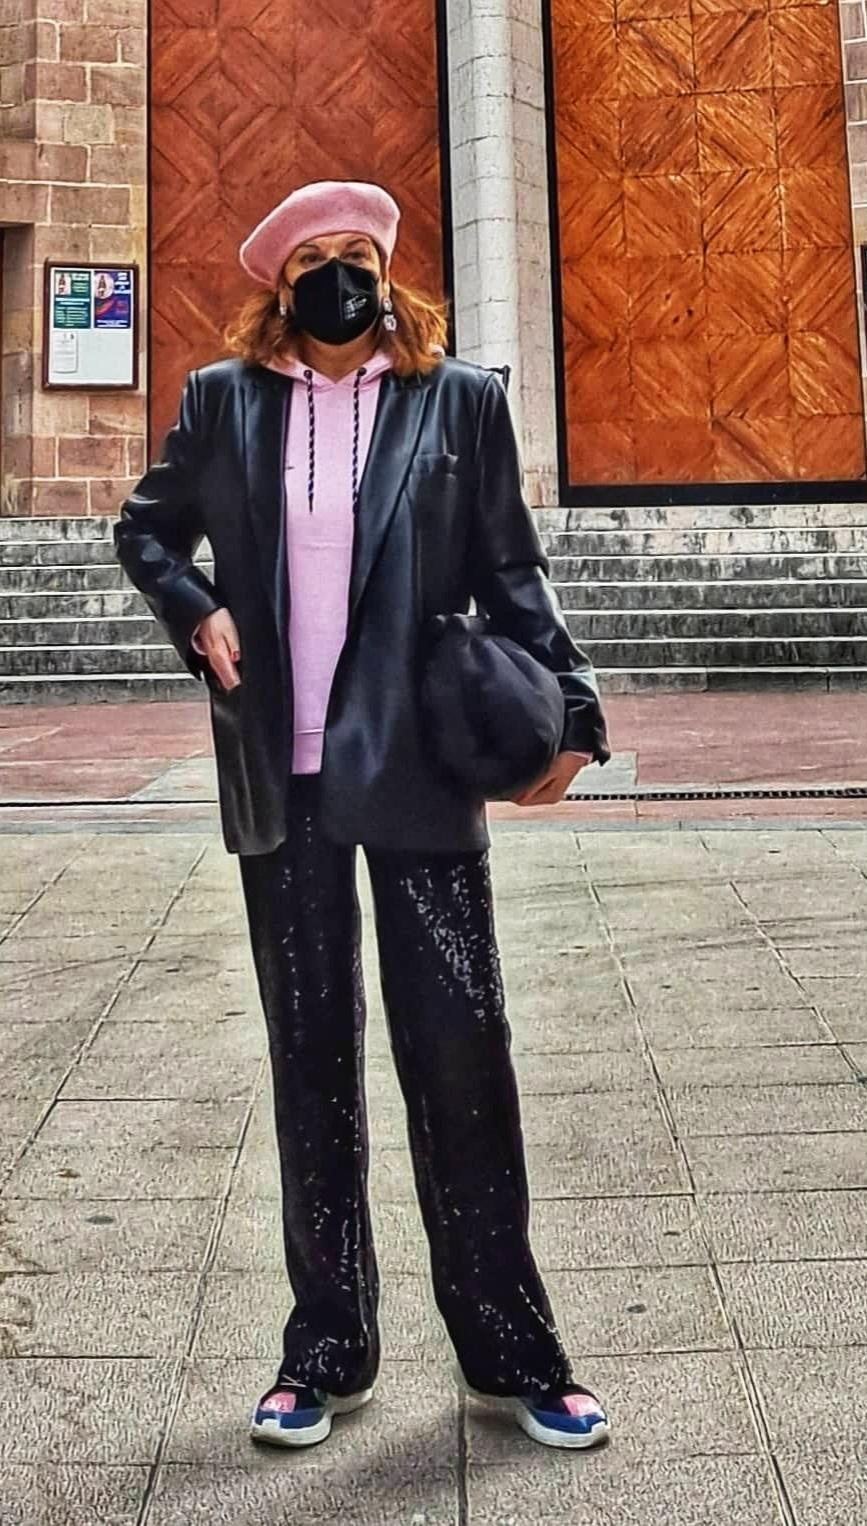 abuela a la ultima con boina rosa y vestida de negro